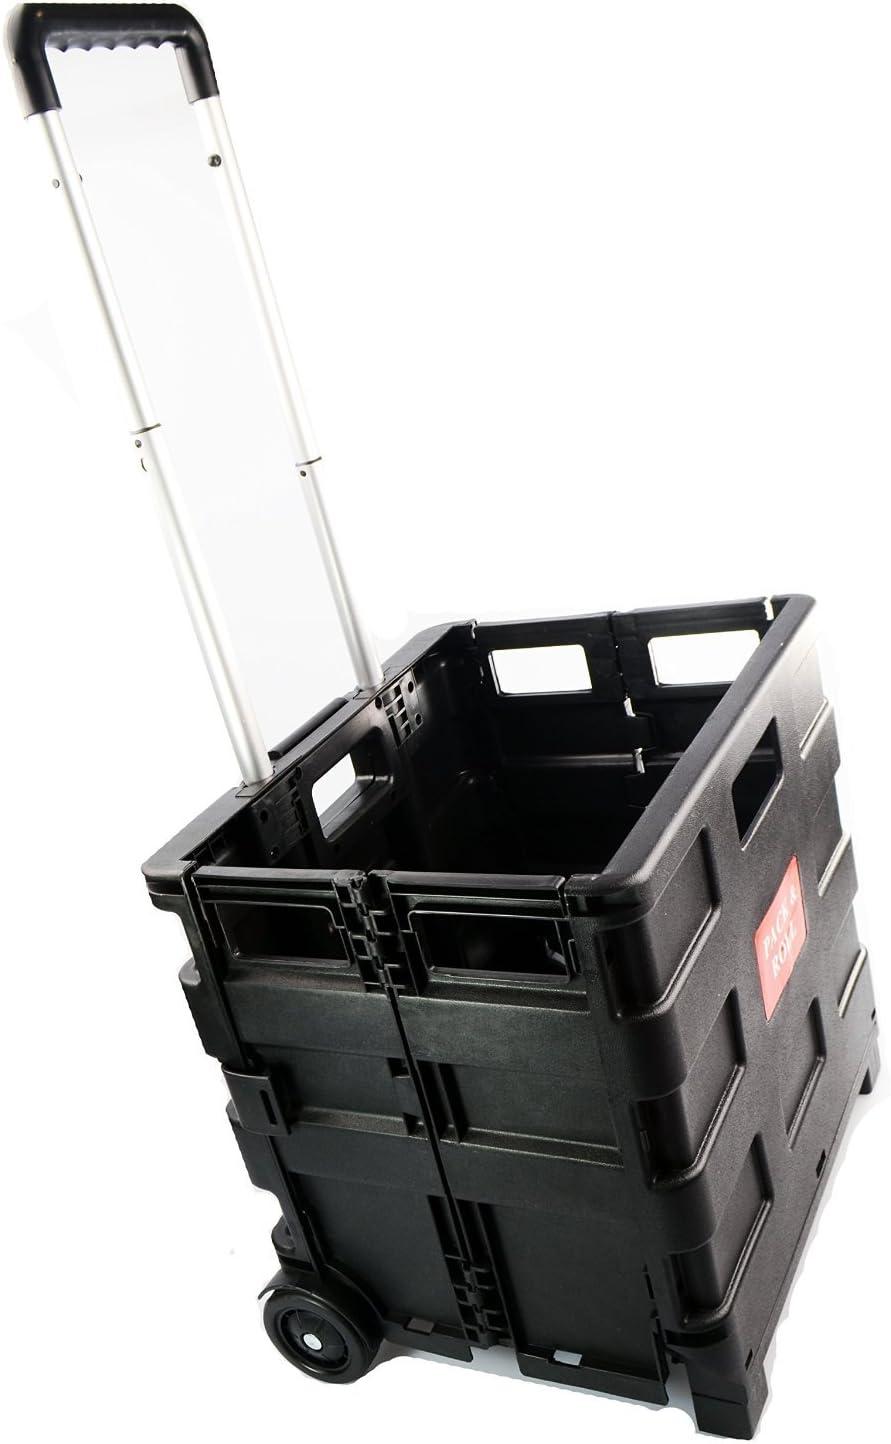 ASAB - Caja Multiusos Plegable con asa y Ruedas, Carro para la Compra, Cesta de Almacenamiento Resistente: Amazon.es: Hogar